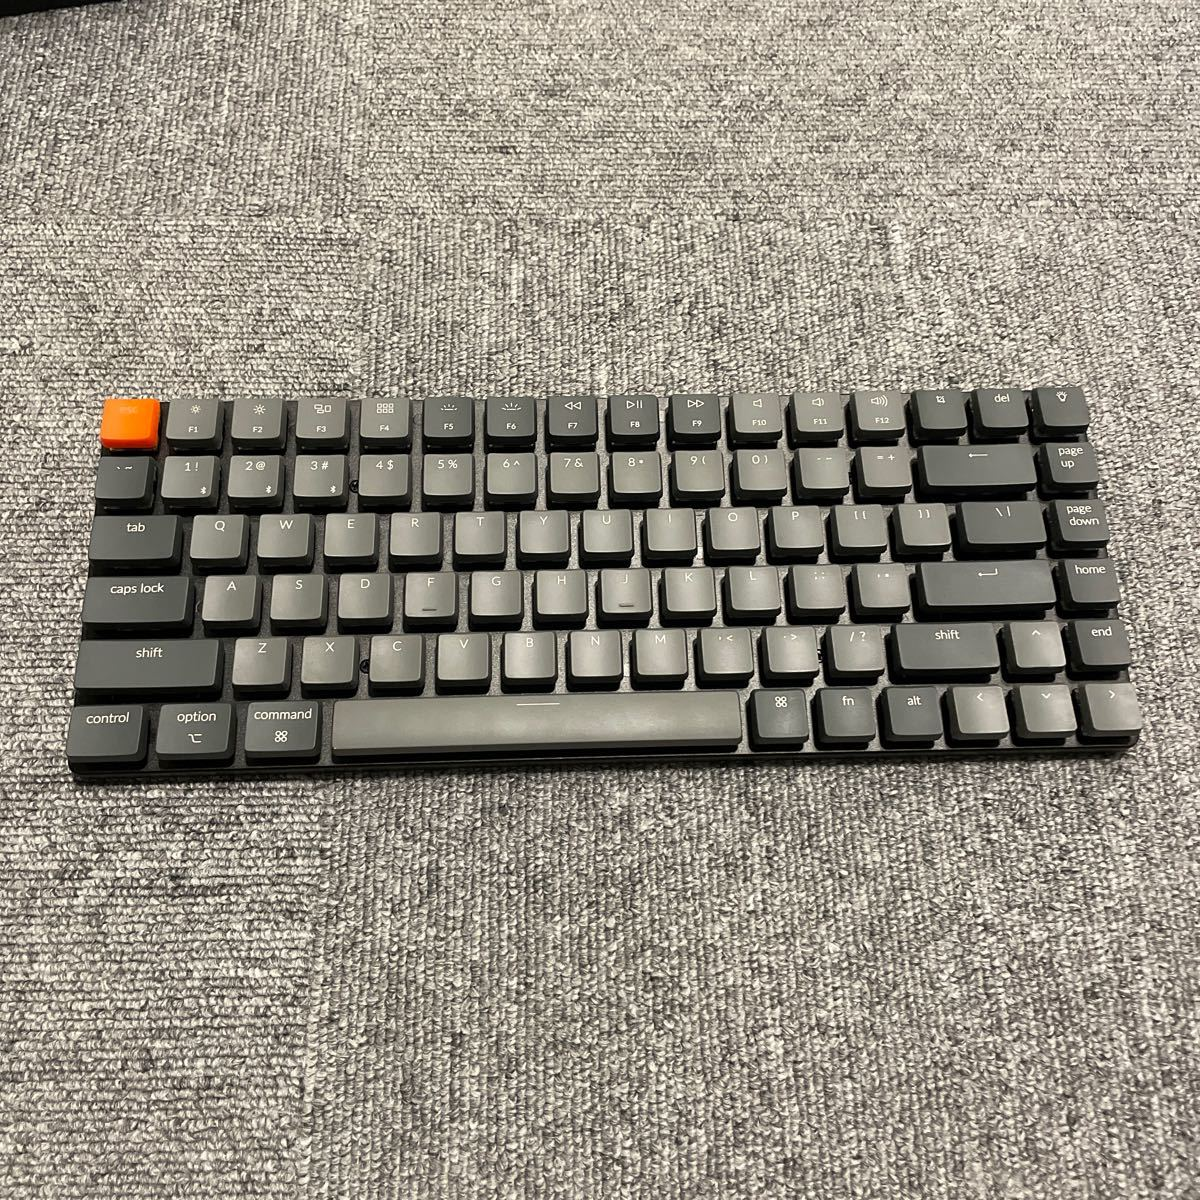 Keychron k3 Keyboard 光学 茶軸